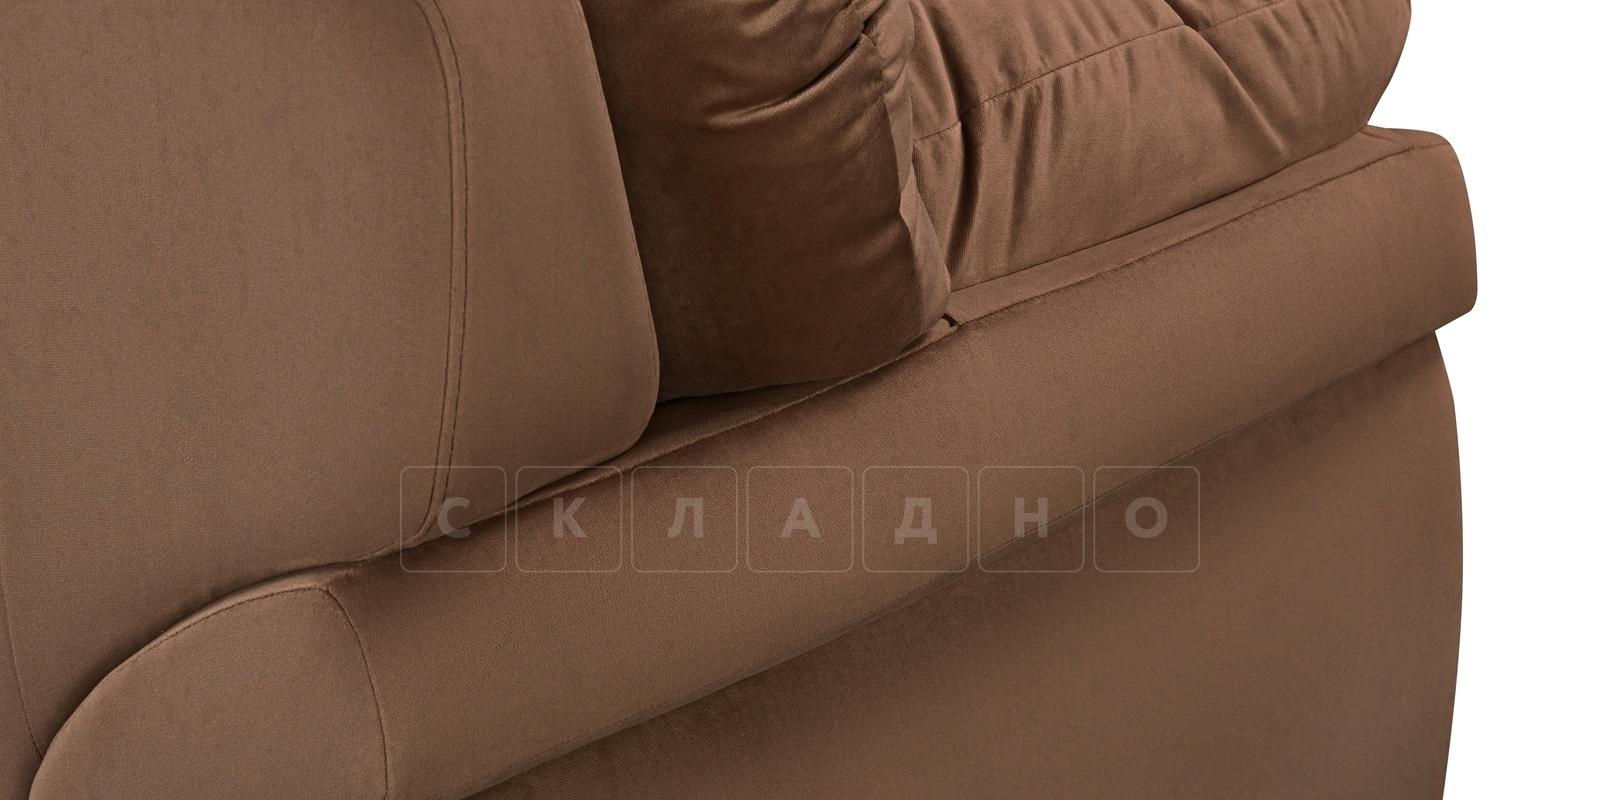 Диван Бристоль велюр коричневый фото 6 | интернет-магазин Складно